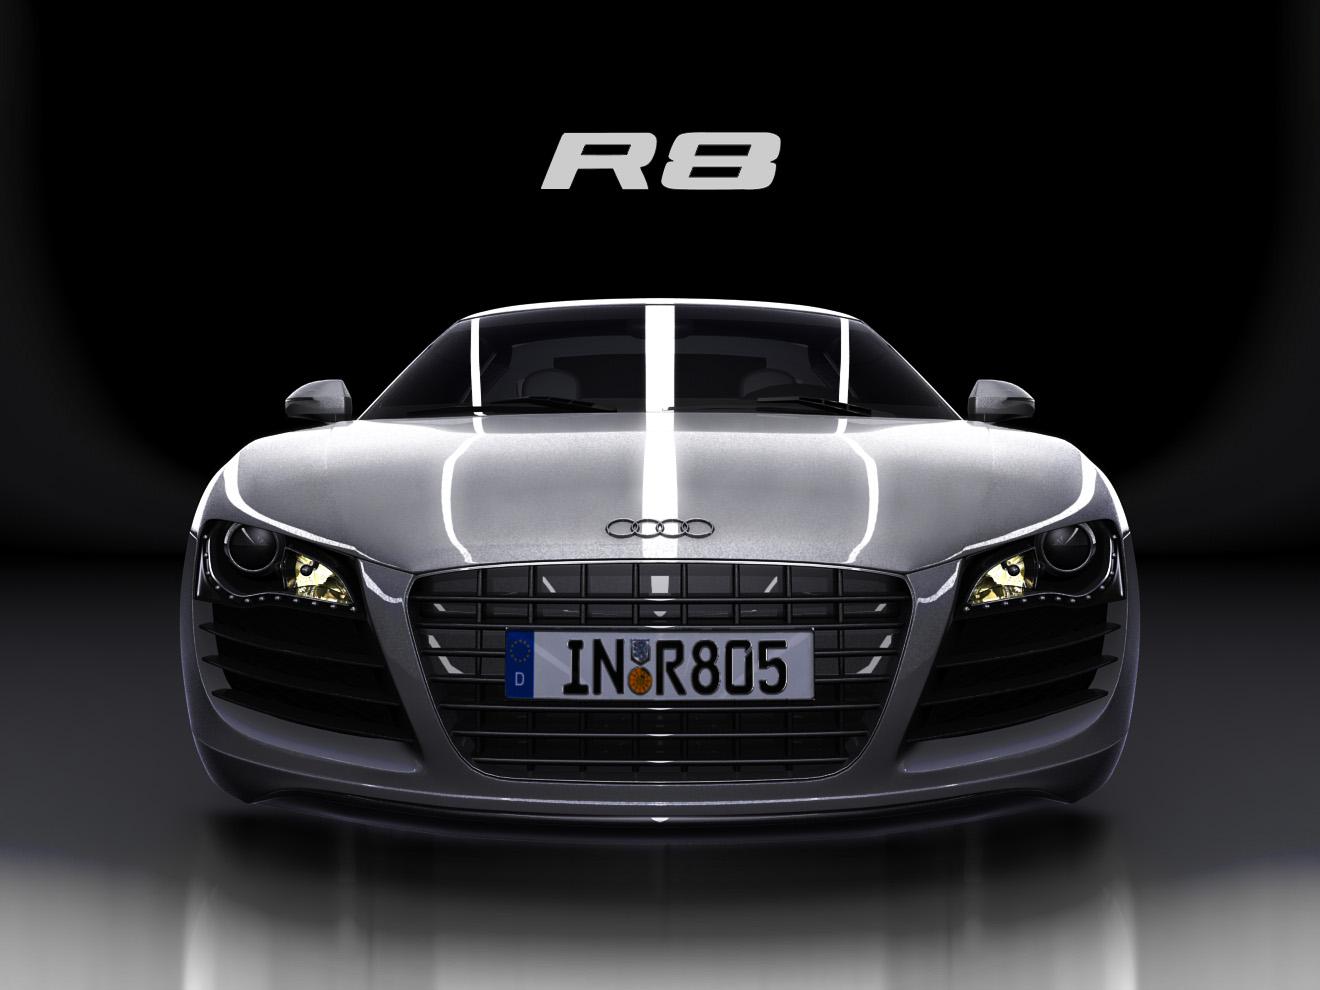 http://4.bp.blogspot.com/_Iq1fkO6qus0/TUsaLC6zvqI/AAAAAAAAAwc/VmXt_9VJPMA/s1600/Audi-R8-HD-Wallpaper_5220113.jpg